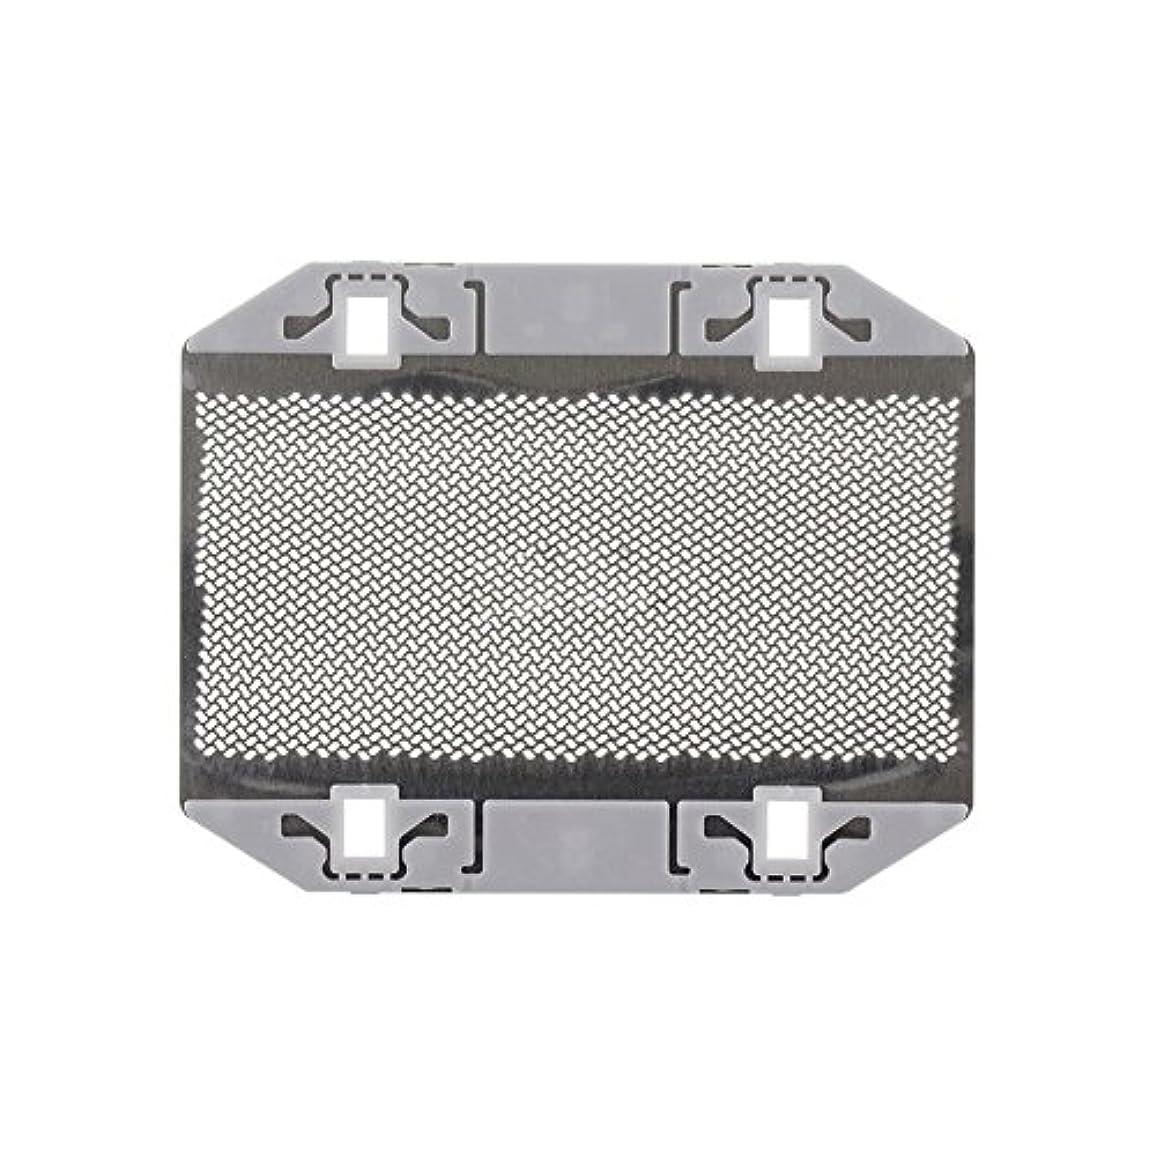 意図寄託忠実なJuleyaing シェーバー用品 回転式シェーバー 部品 外刃 替刃 交代品 for Panasonic ES9943 ES3042 ES3801 ES3750 ES365 ES366